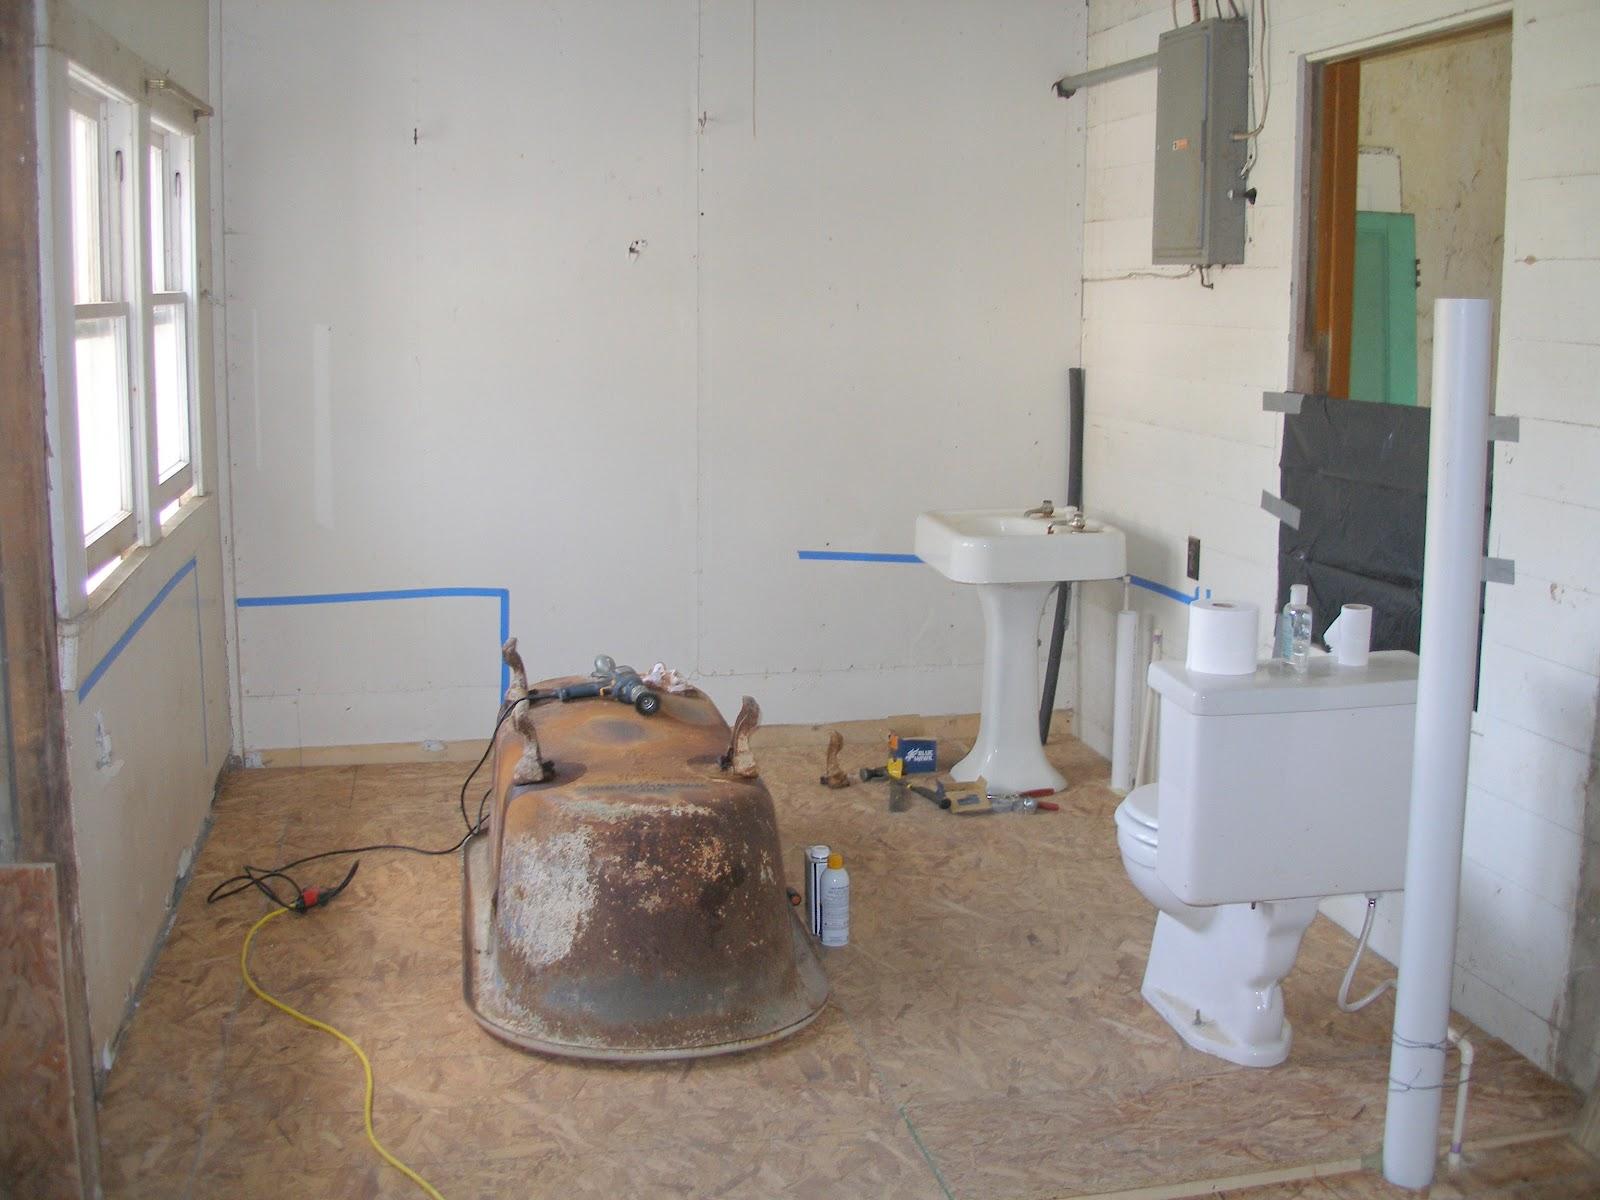 Reglazing A Toilet Bathroom